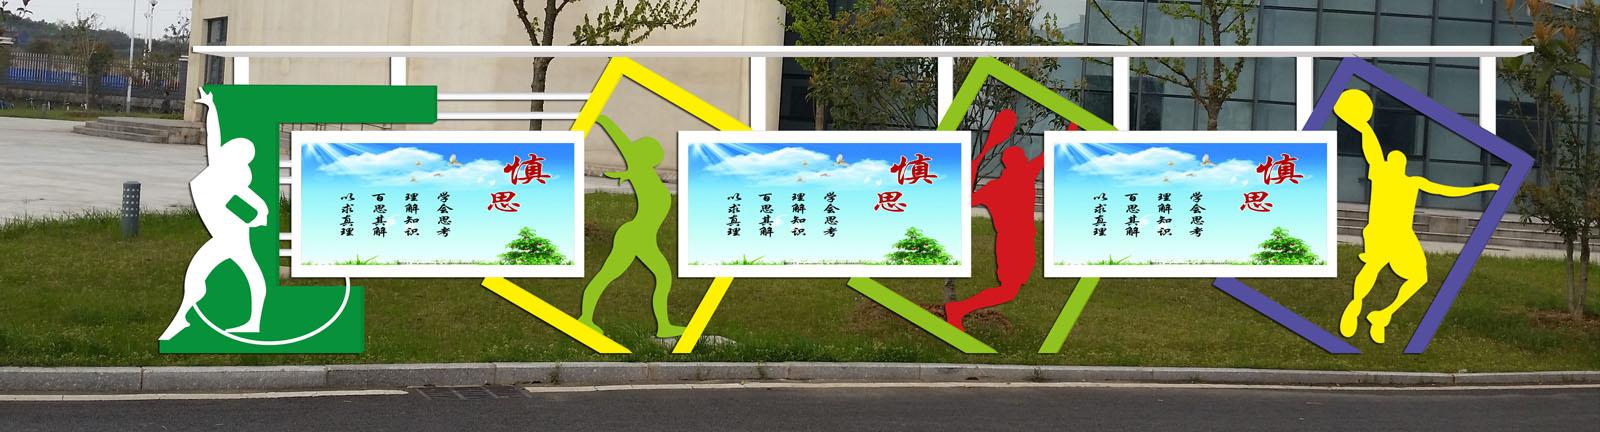 太原公交候车亭